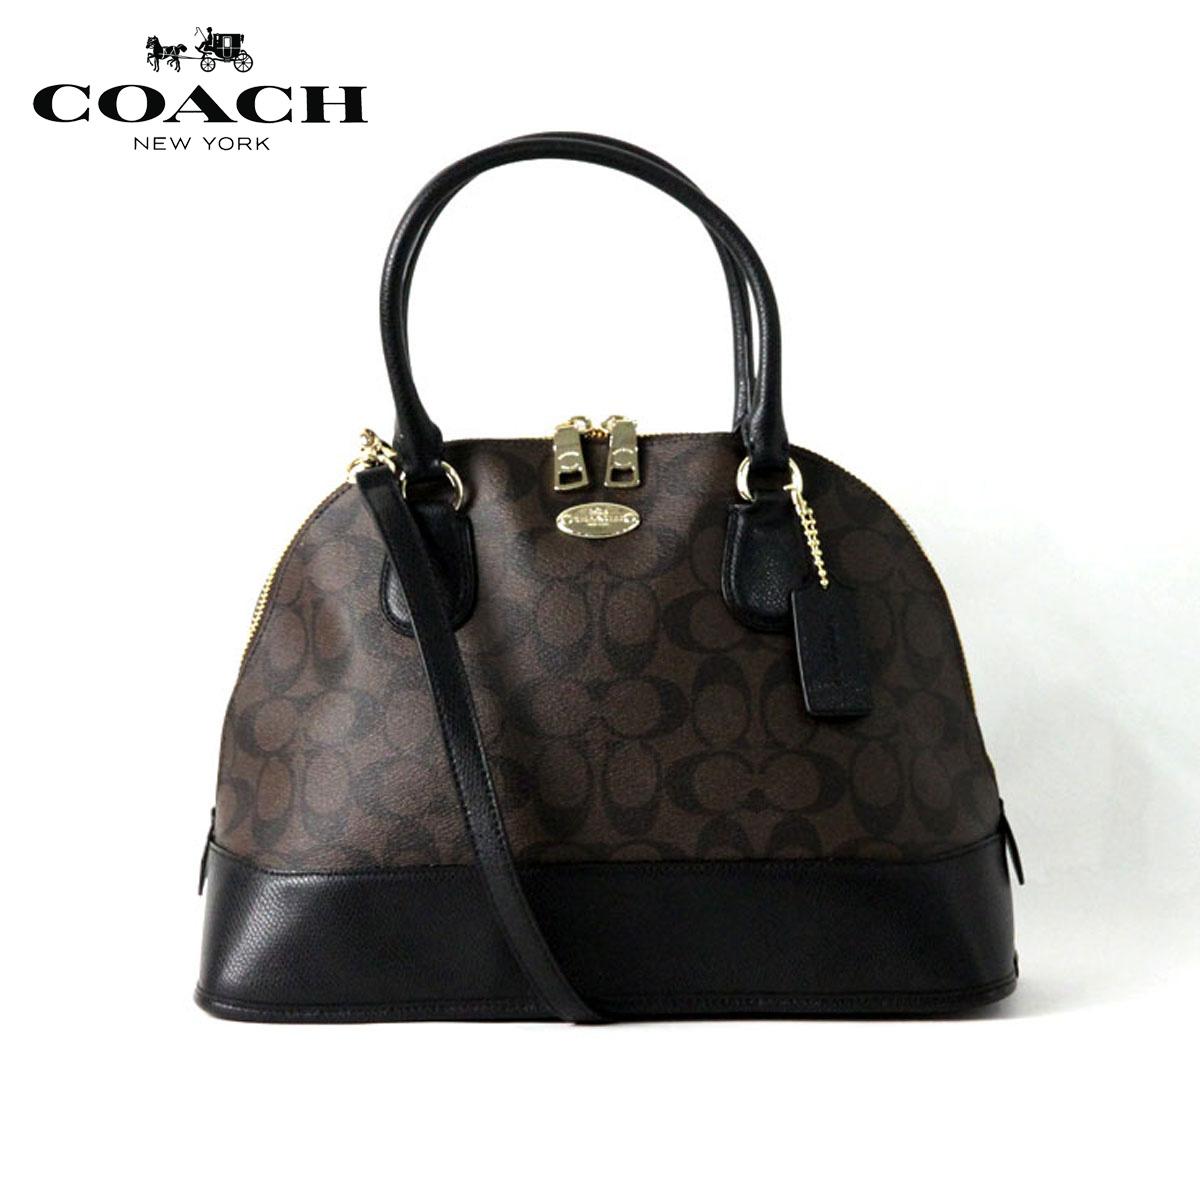 コーチ COACH 正規品 レディース バッグ SATCHEL F33904 IMAA8